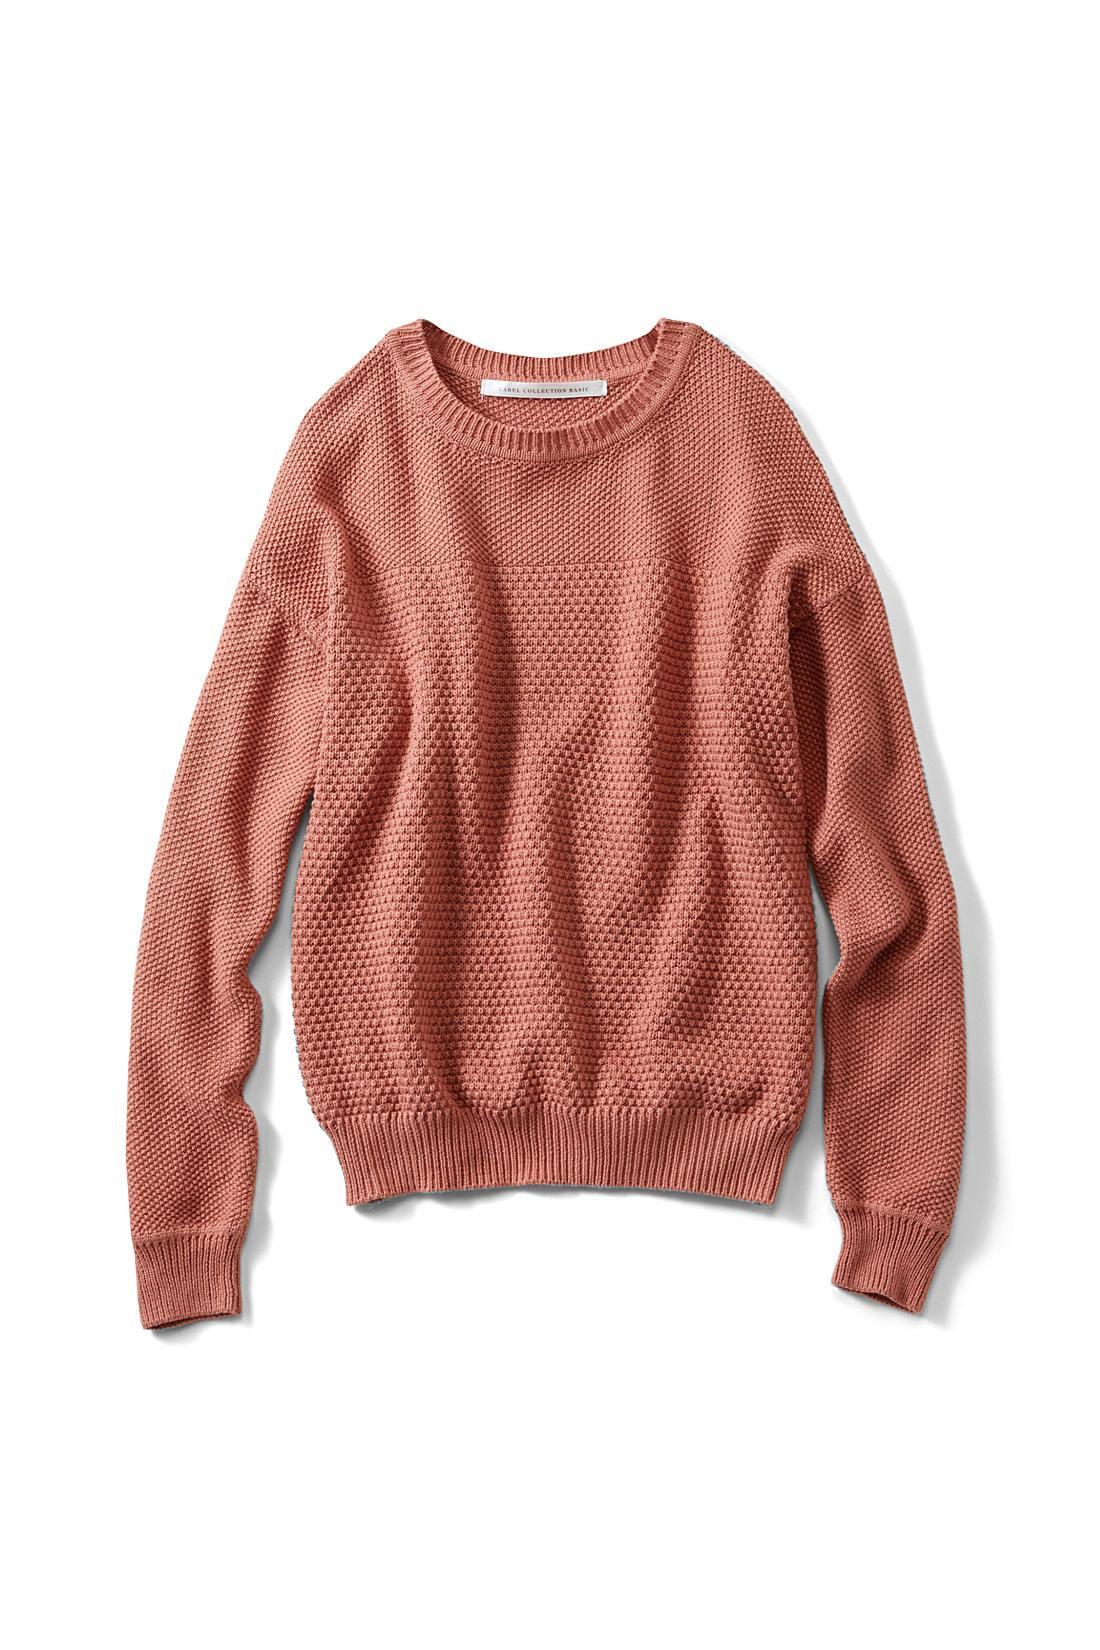 トレンド感高めの〈アプリコットオレンジ〉 トレンドのワイドパンツやスカートに合わせやすいコンパクトな丈感。